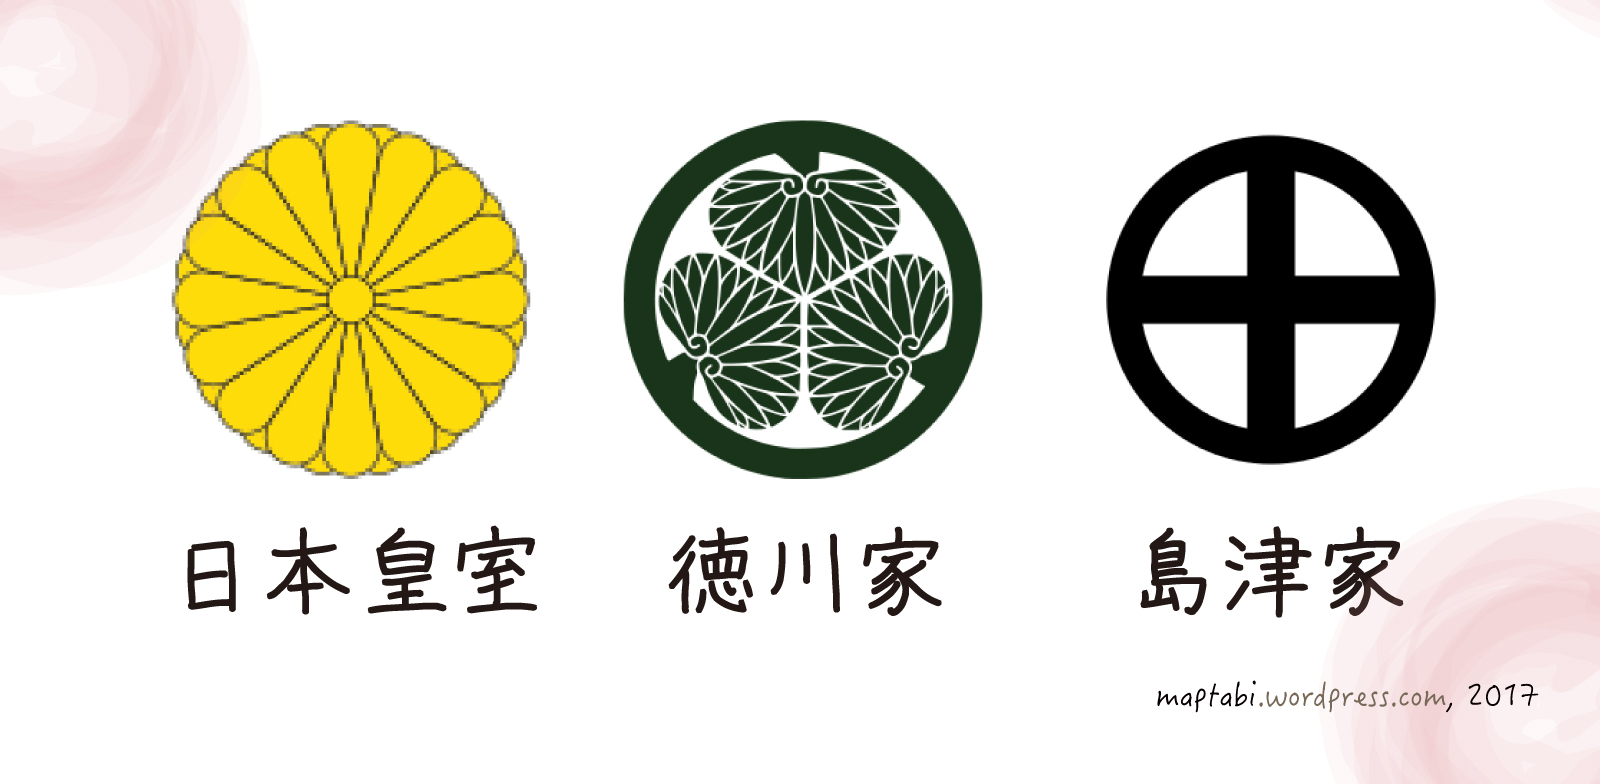 【豆知識】「丸十」是甚麼? – maptabi